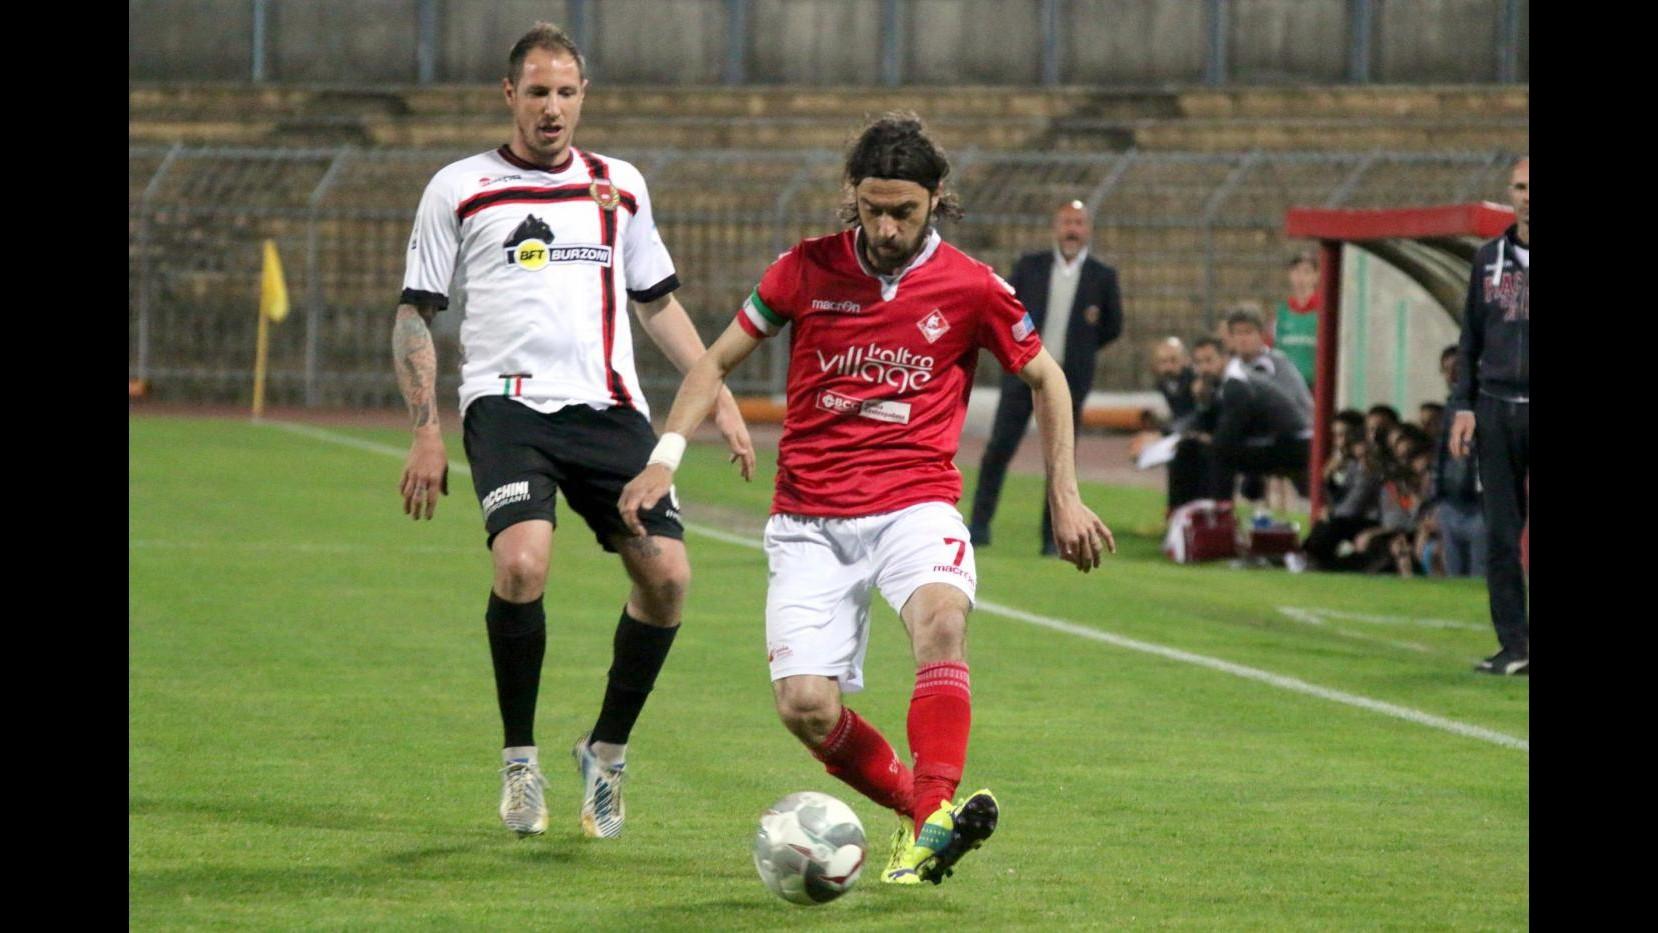 FOTO Lega Pro, il derby Piacenza-Pro Piacenza finisce 4-0